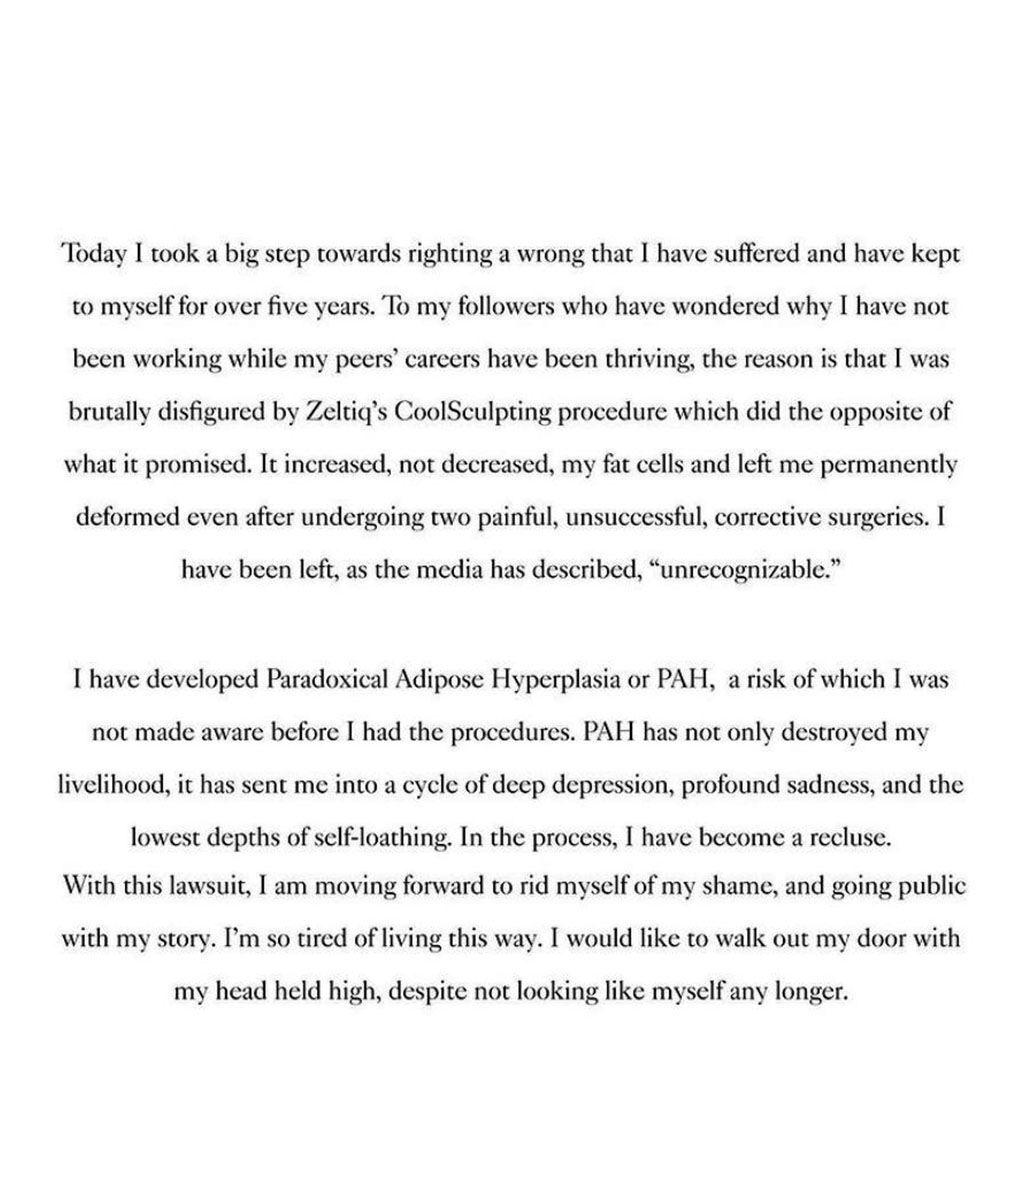 Comunicado de Linda Evangelista sobre su situación actual